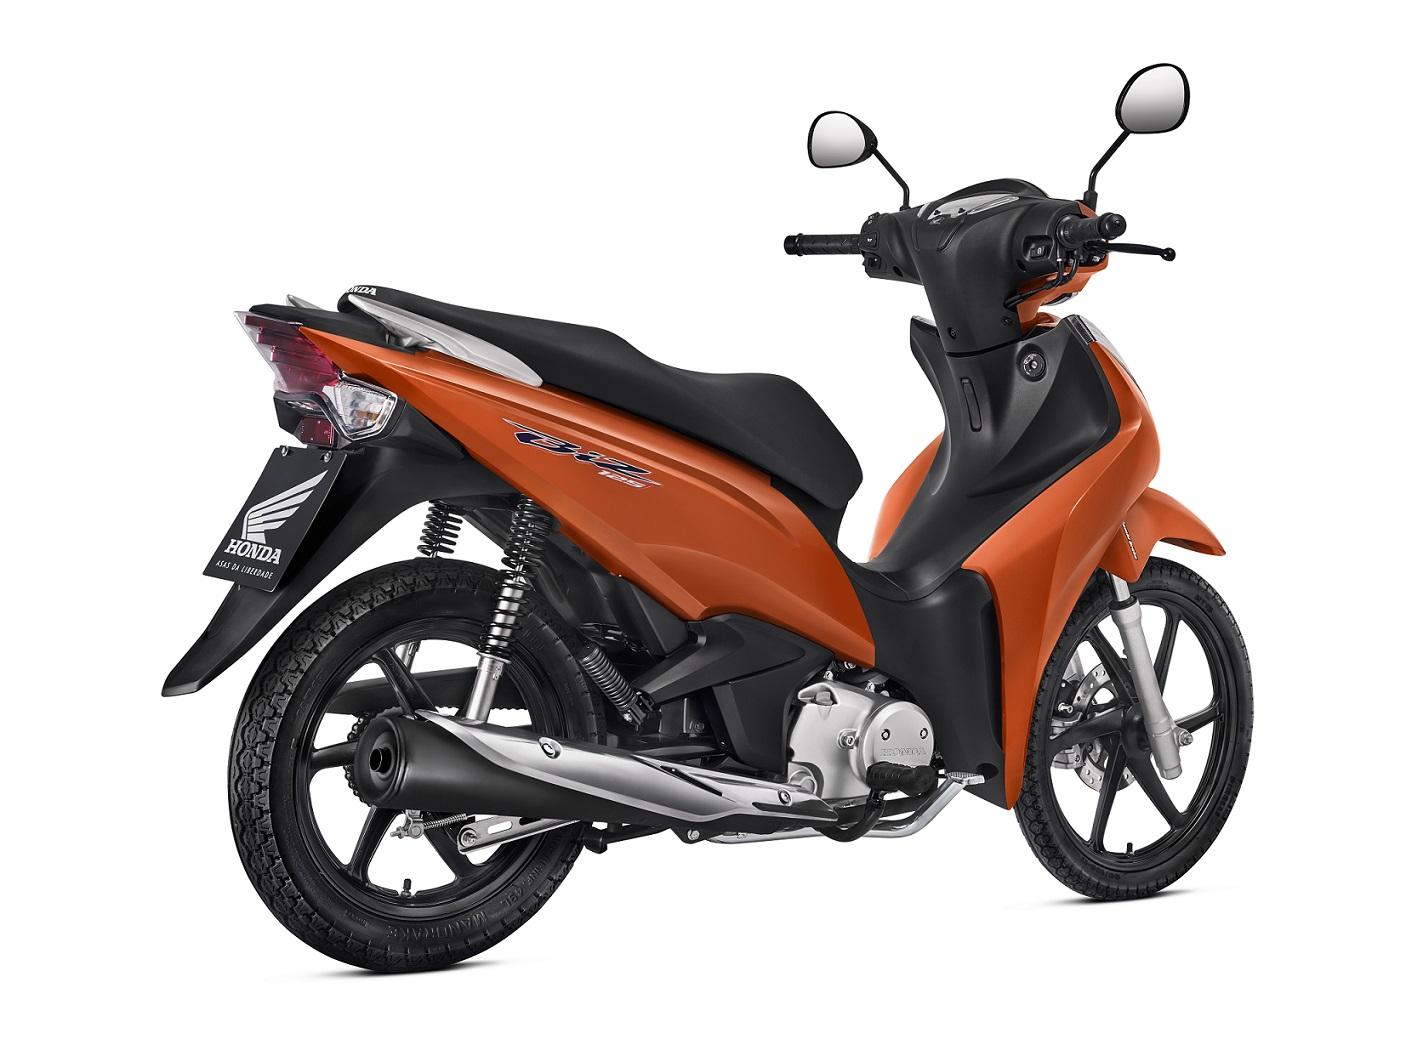 Image Result For Honda Biz A